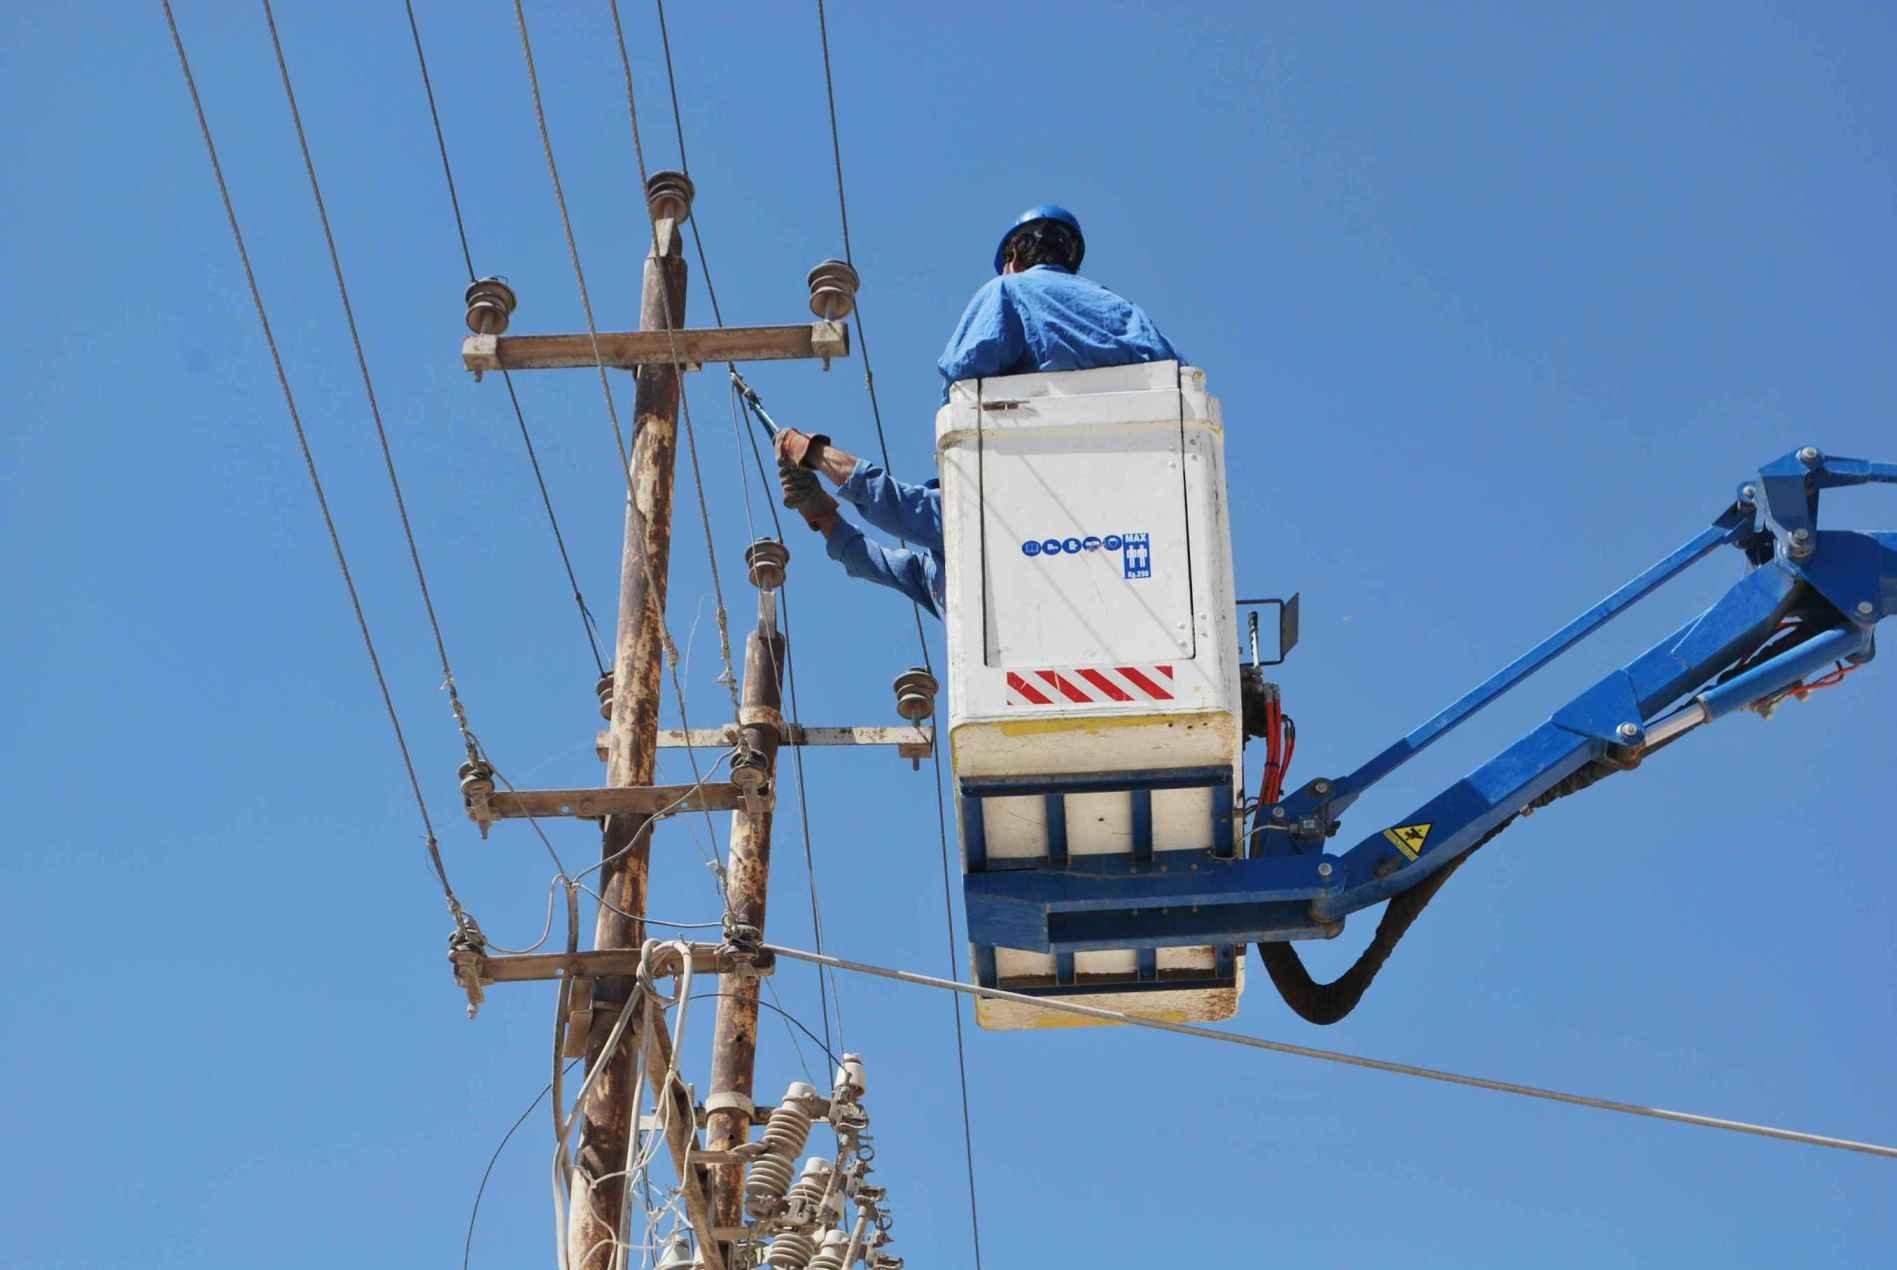 عامل يوصل أسلاك كهرباء في العاصمة العراقية